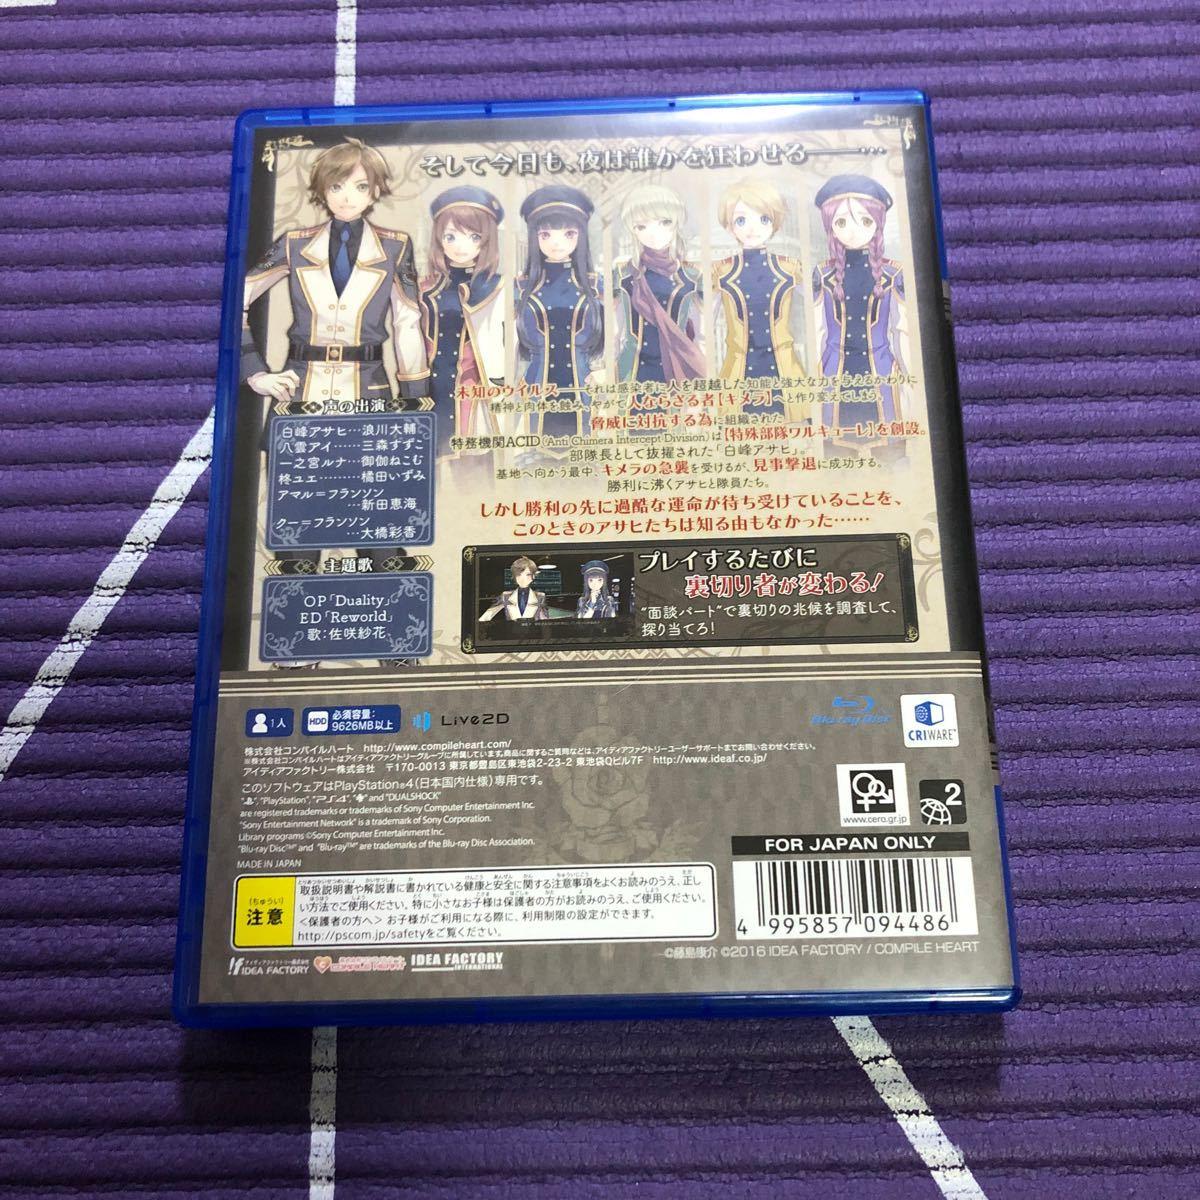 PS4 クロバラワルキューレ 【PS4】 クロバラノワルキューレ [通常版]